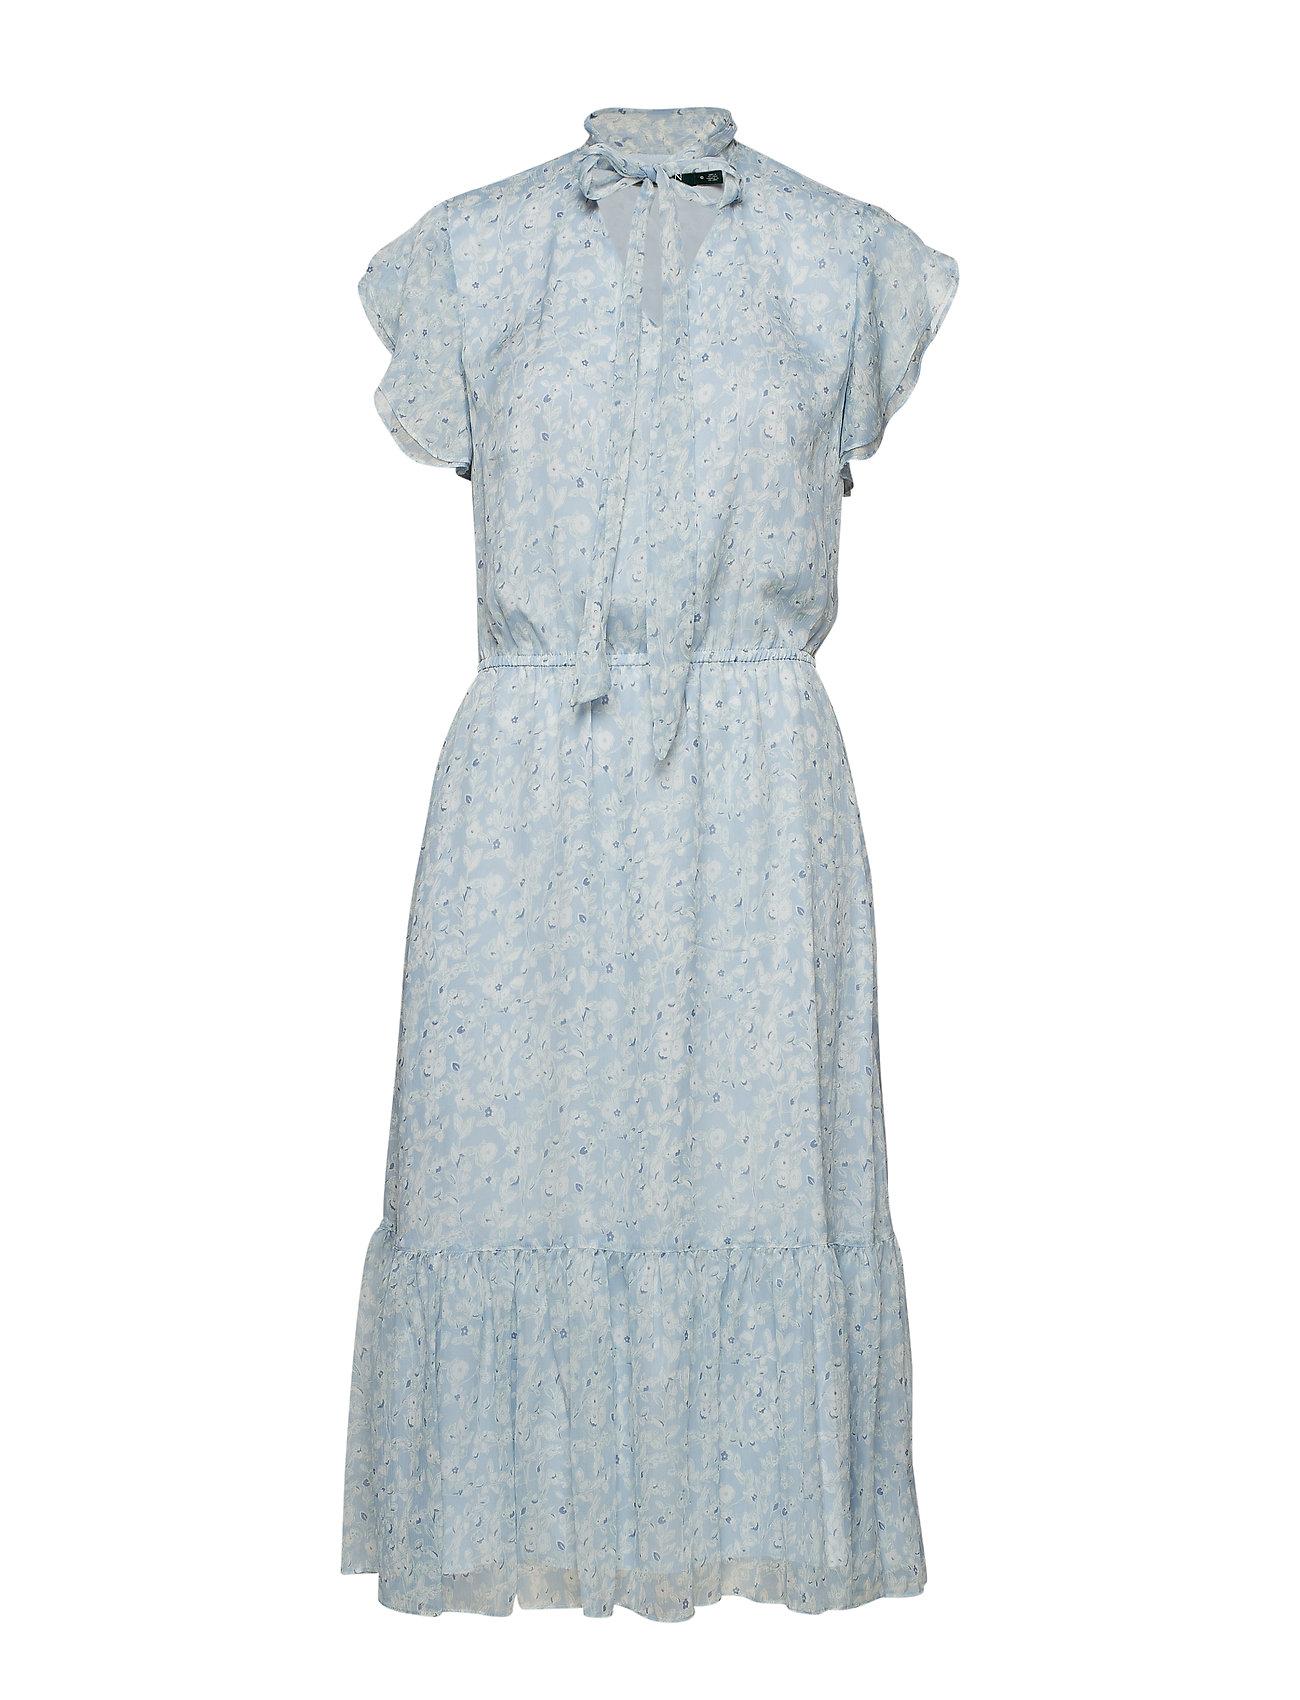 Lauren Ralph Lauren Tie-Neck Print Georgette Dress - ENGLISH BLUE MULT